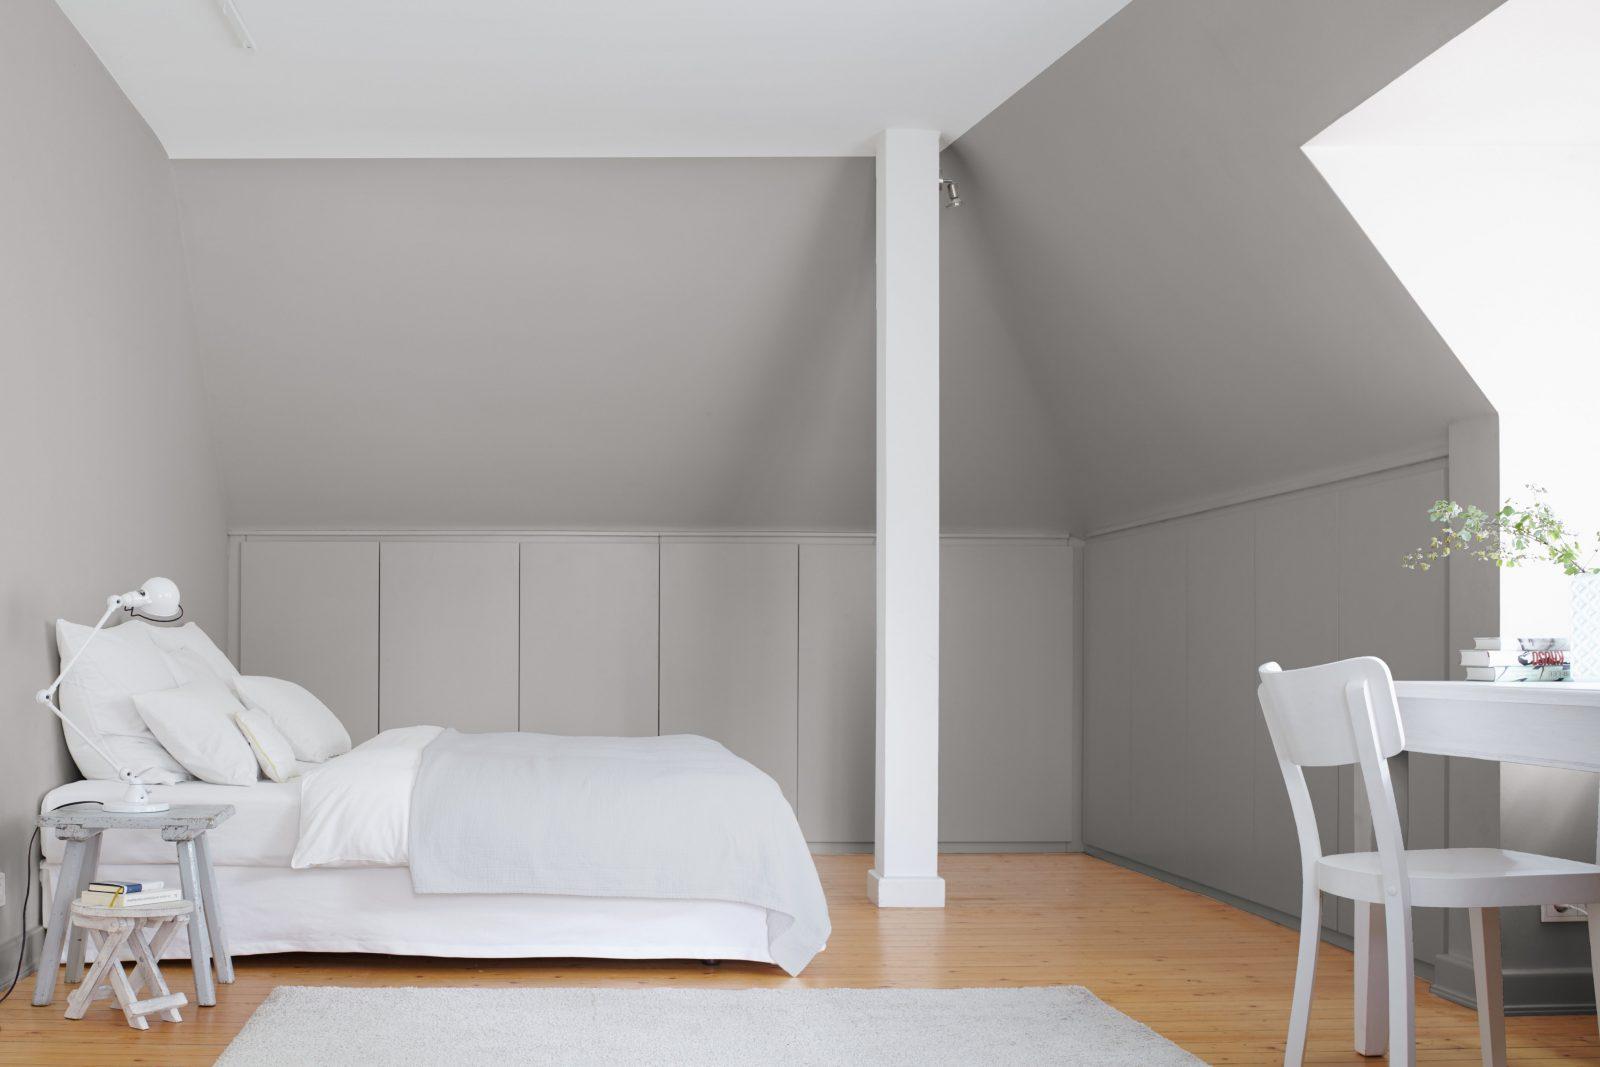 Kleine Zimmer Dachschrägen Optisch Vergrößern Alpina Farbe  Wirkung von Jugendzimmer Mit Dachschräge Einrichten Bild